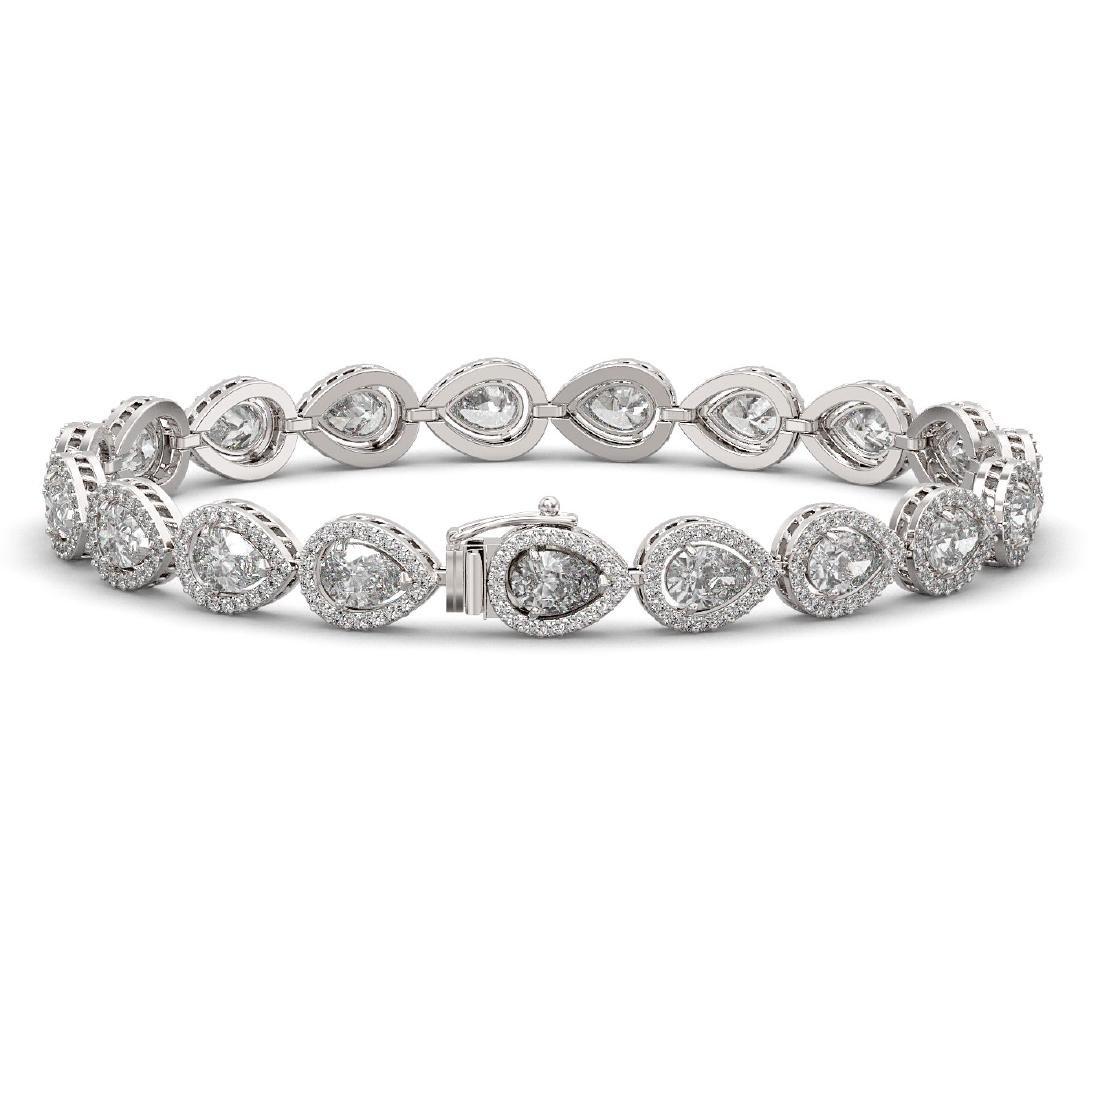 14.28 CTW Pear Diamond Designer Bracelet 18K White Gold - 2